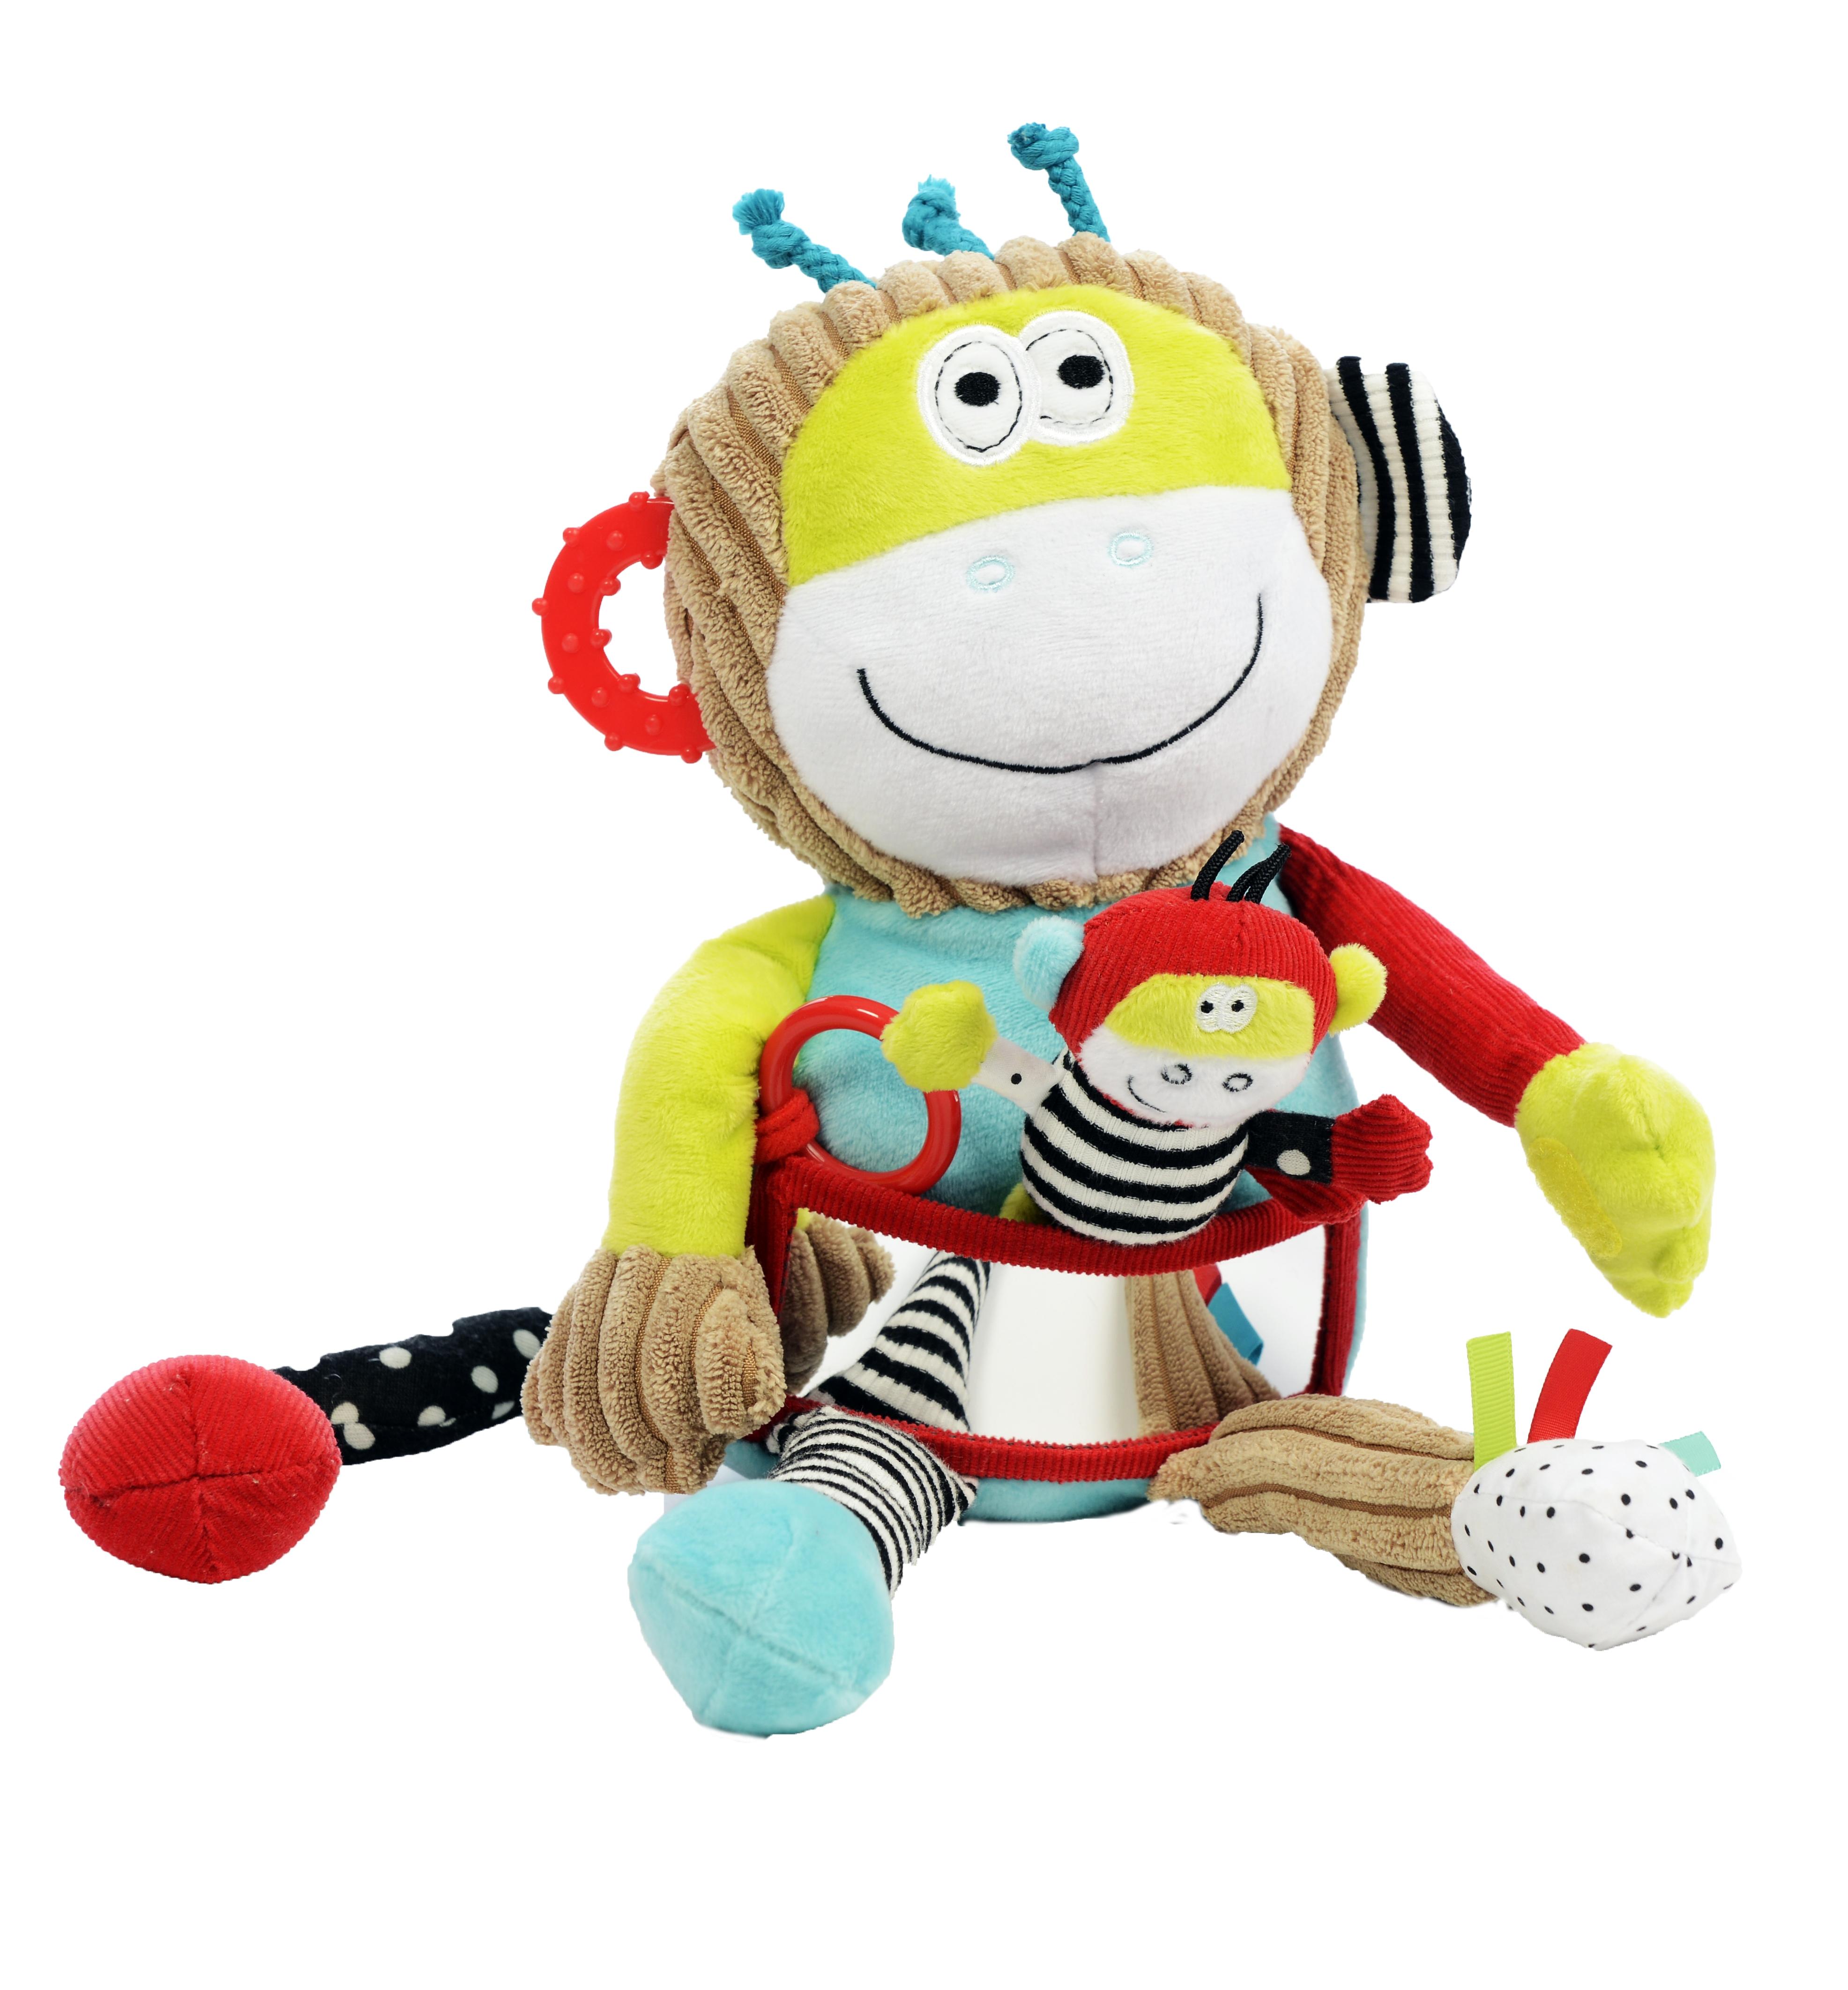 Maimuță cu pui, jucărie senzorială 1